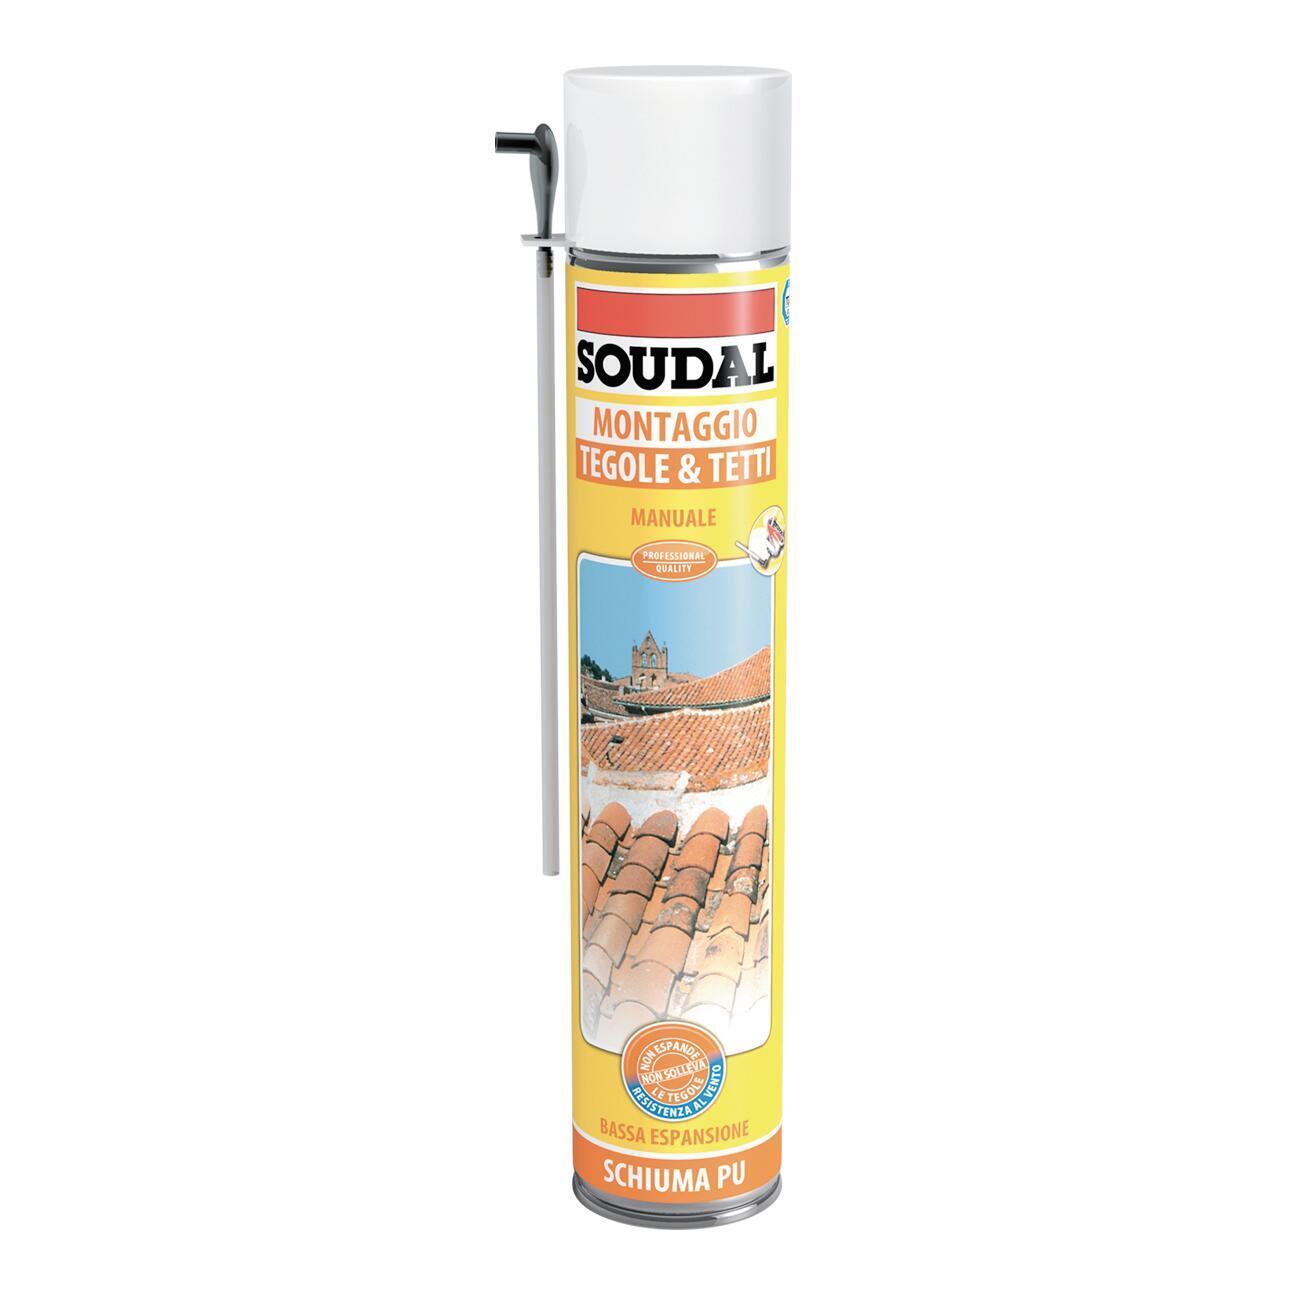 Schiuma poliuretanica SOUDAL Tetti e tegole grigio per tegola 0,75 ml - 1